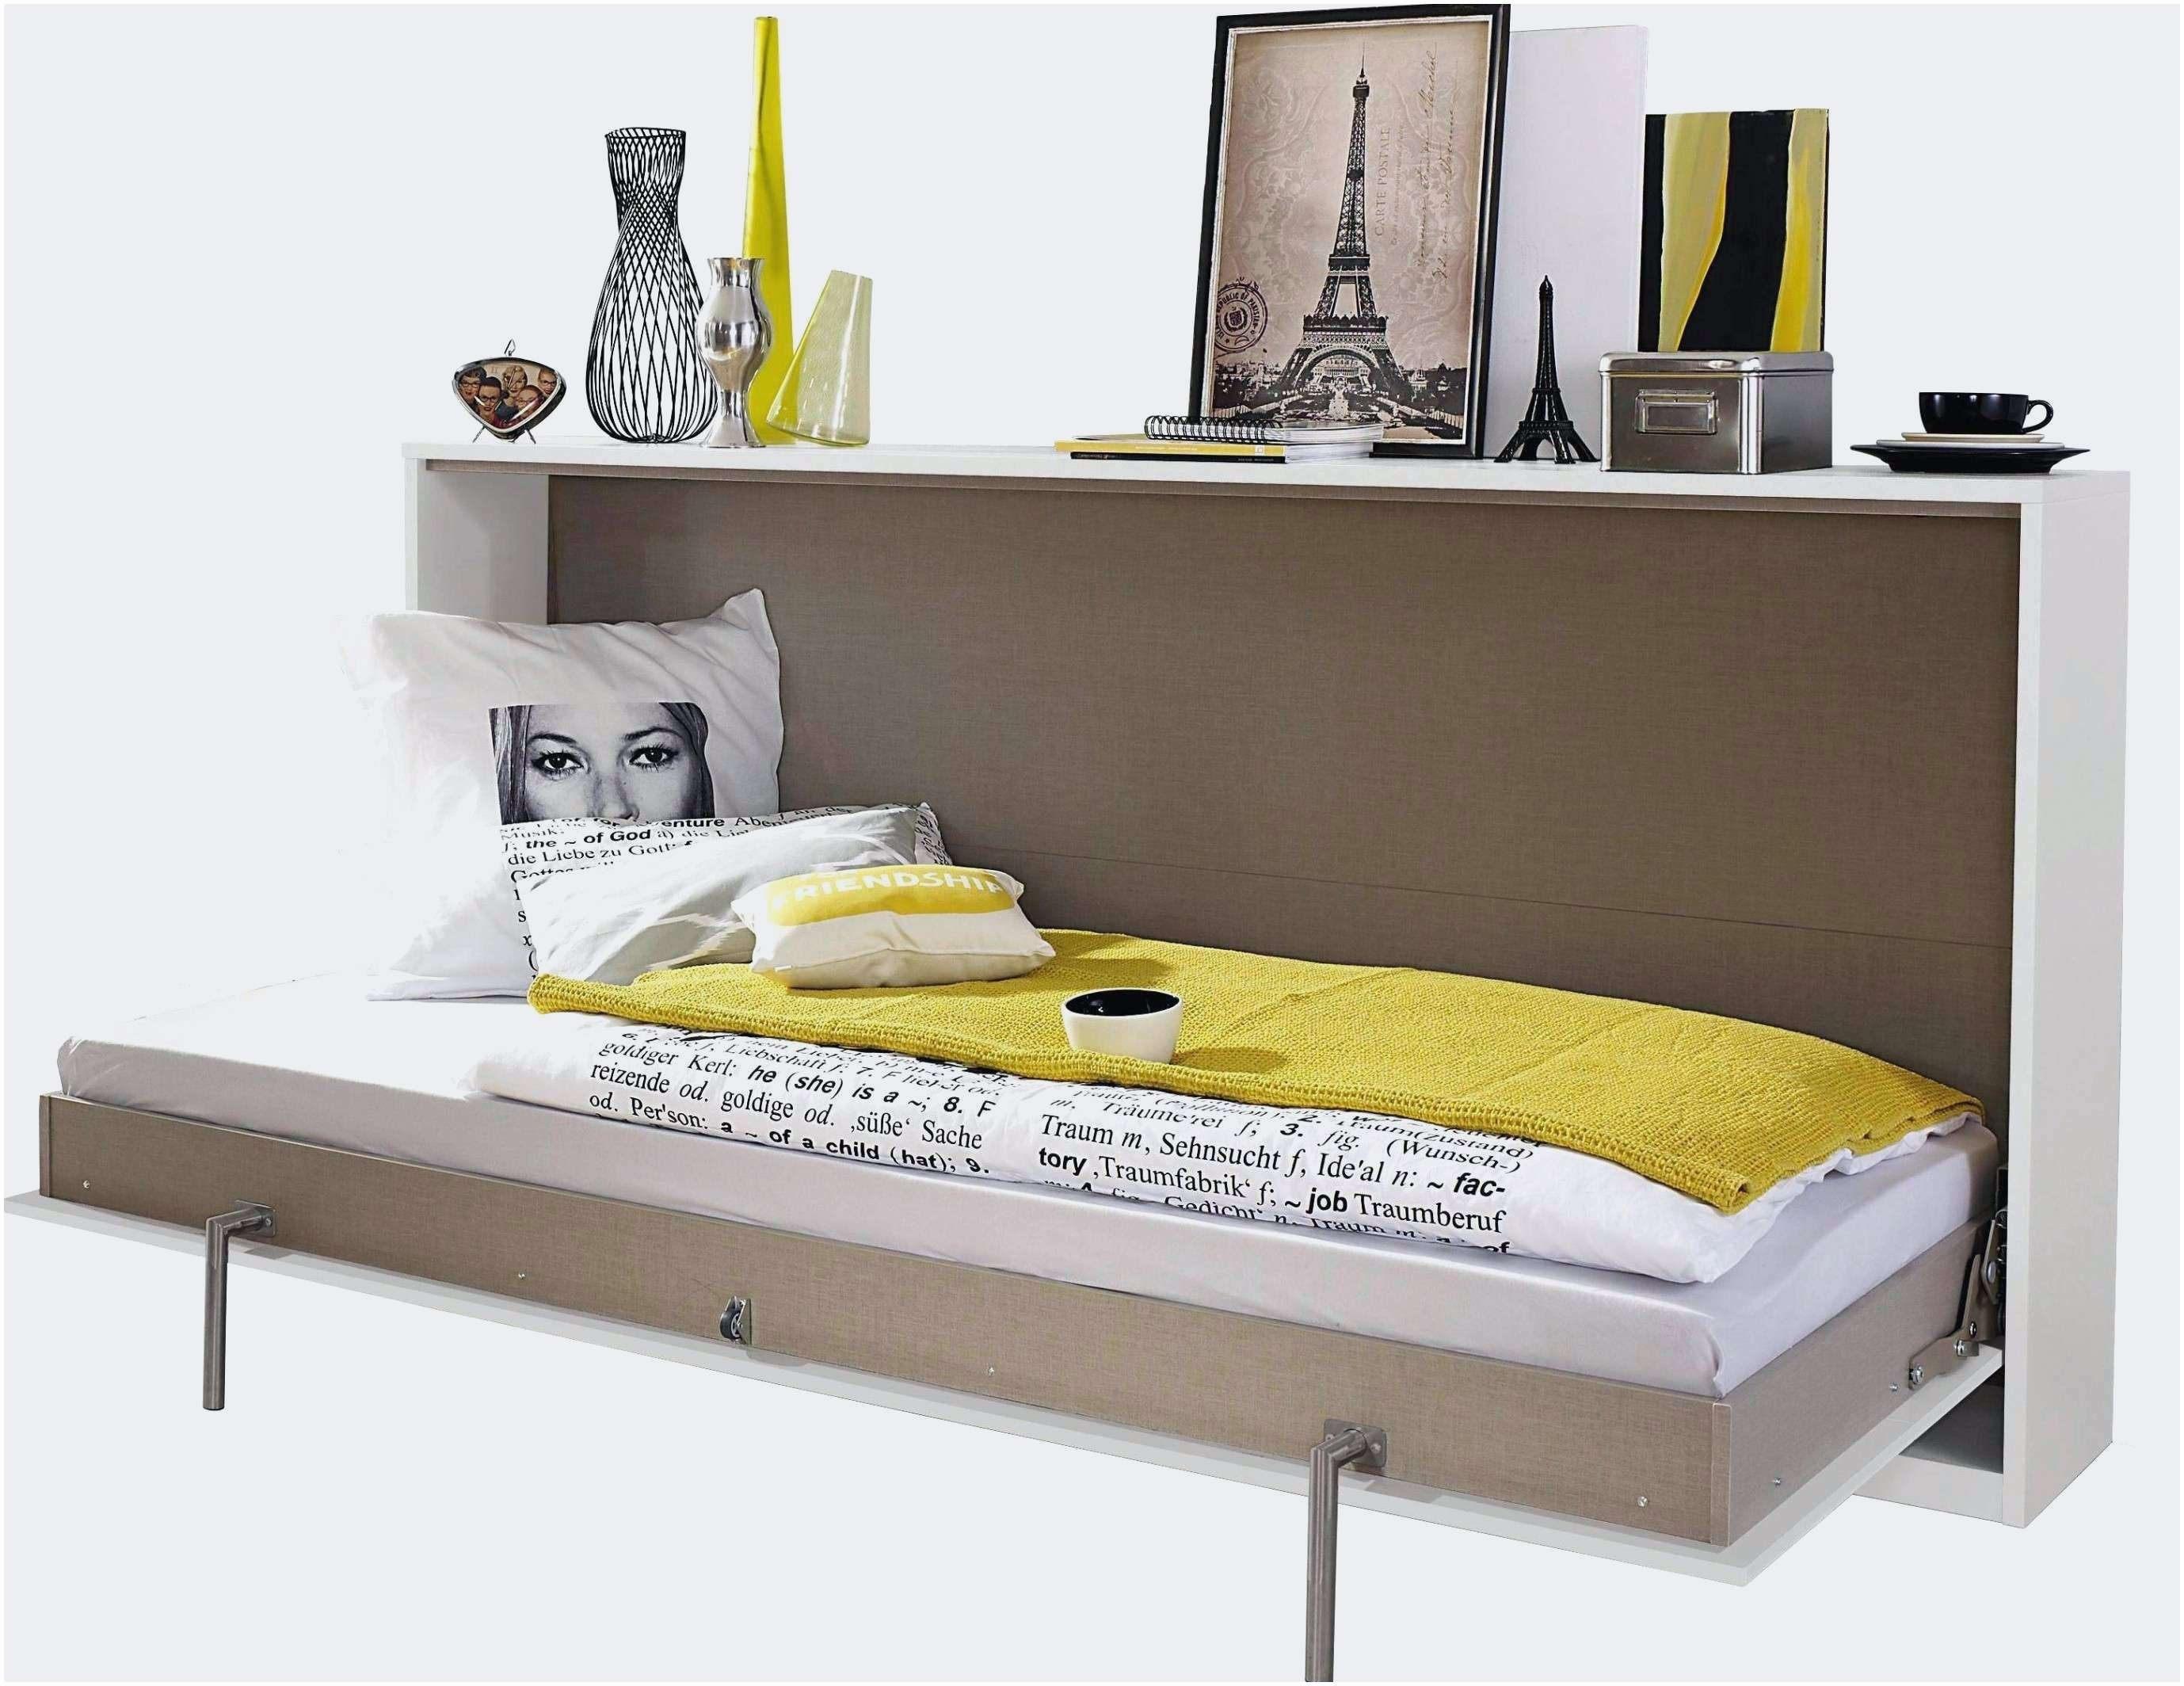 Tete De Lit 160 Design Nouveau Beau Lit Design 160—200 Lovely Tete De Lit Design 160 Inspirant Pour